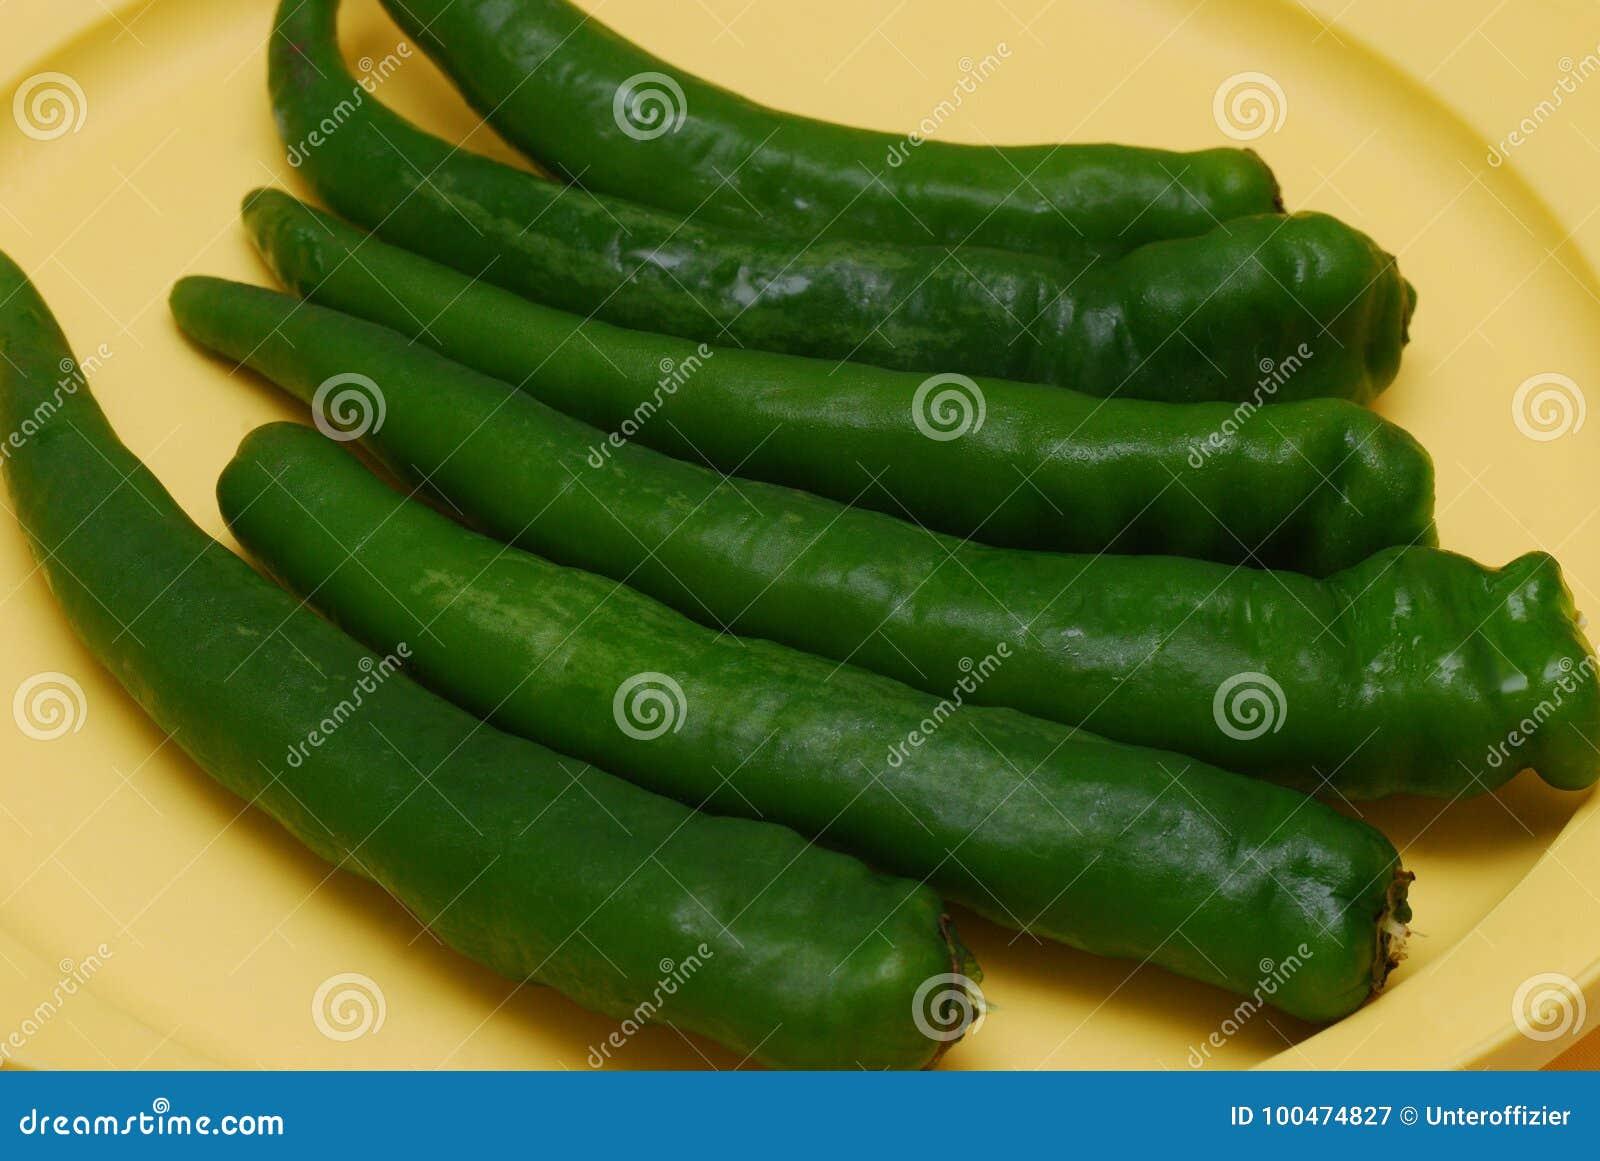 Pimentões verdes